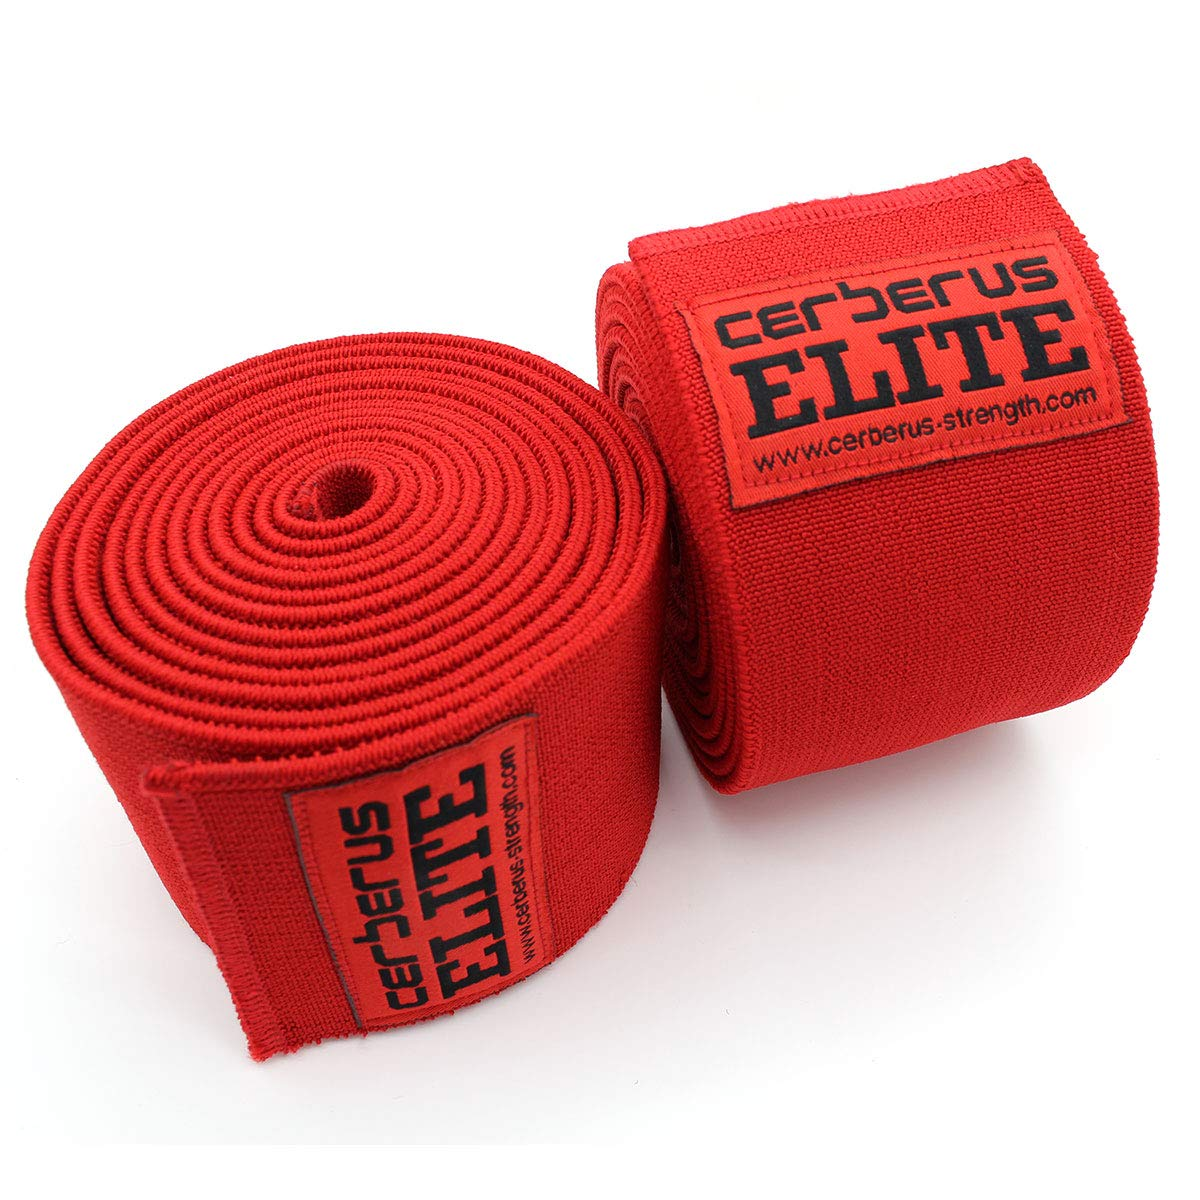 Cerberus強度Elite膝ラップ(ペア) 3m 3m B01AAH555M, 印鑑とハンコケースの花紋印章:0cd2d721 --- capela.dominiotemporario.com